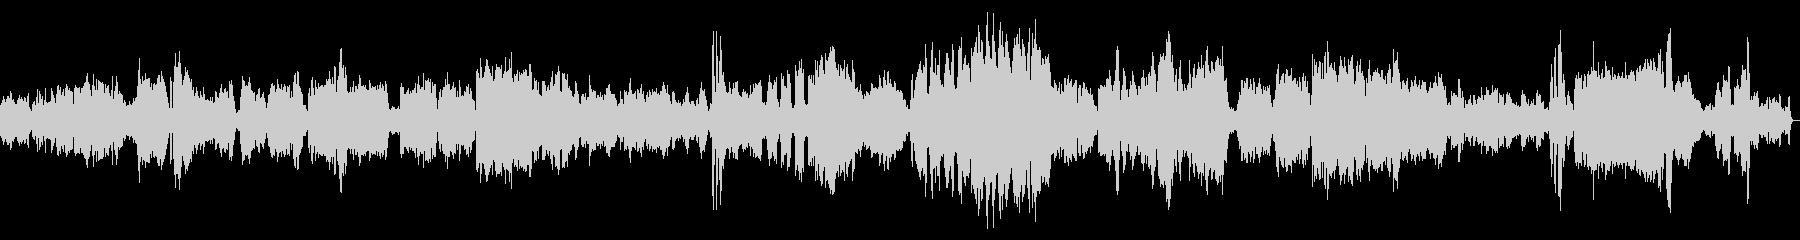 グラズノフ「ピアノソナタ変ロ短調」の未再生の波形